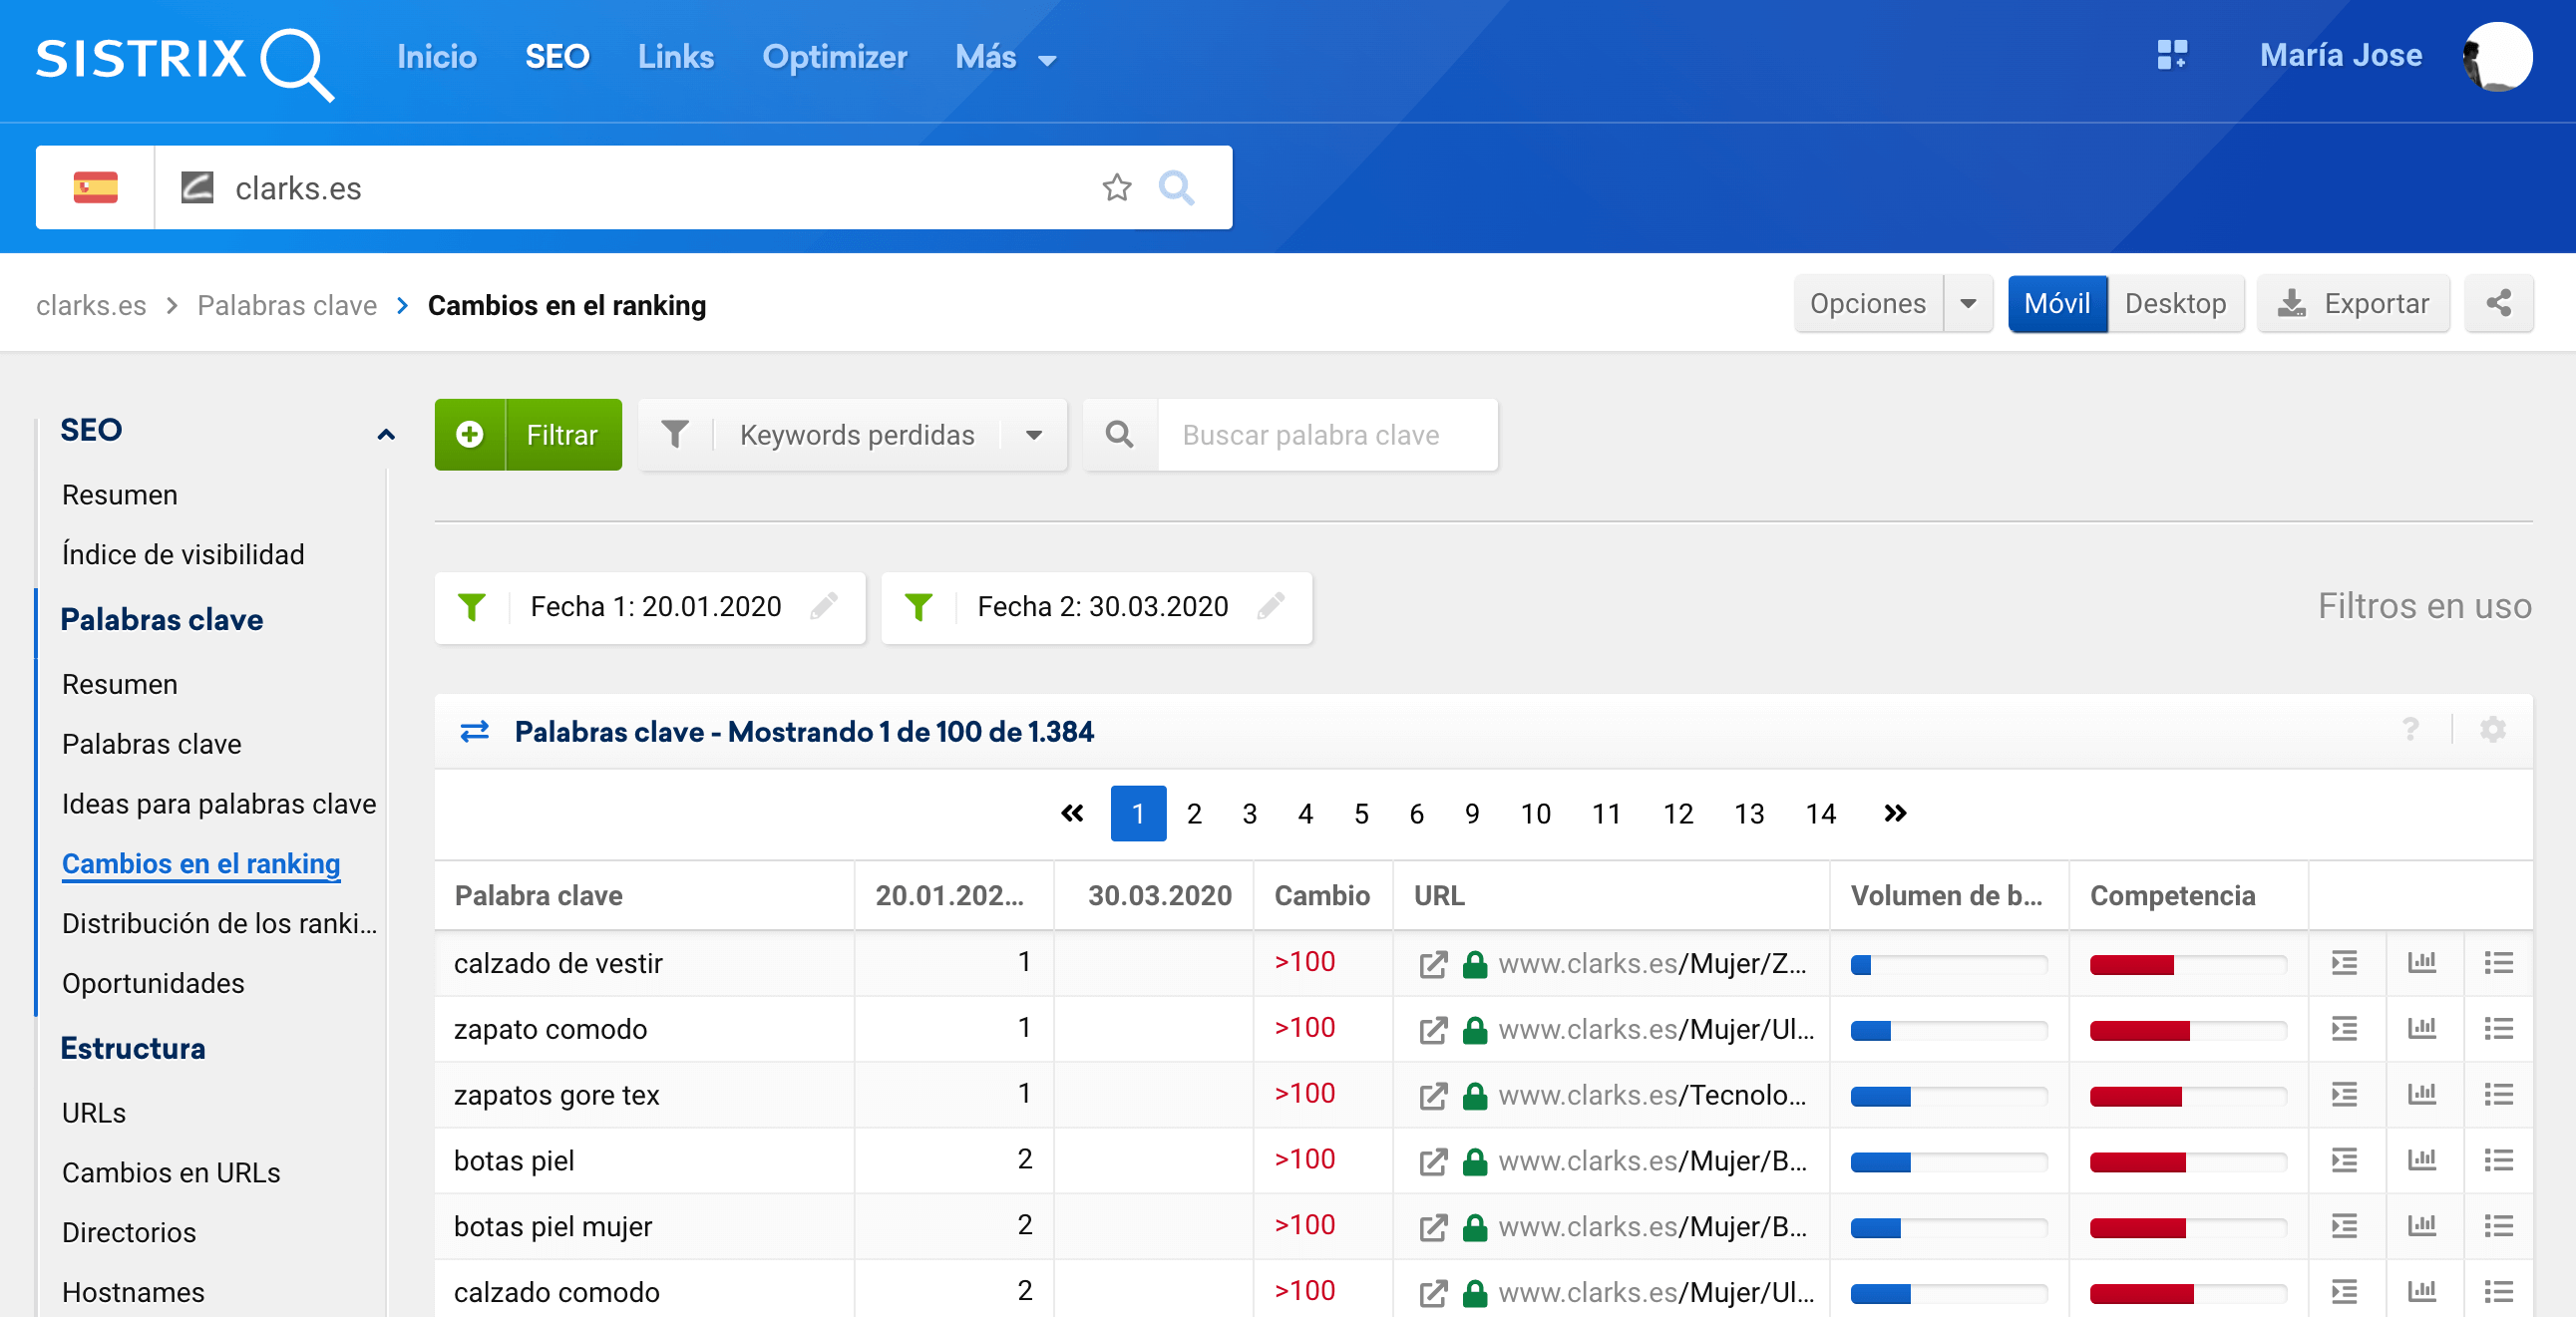 Cambios en el ranking desde enero hasta la actualidad en clarks.es